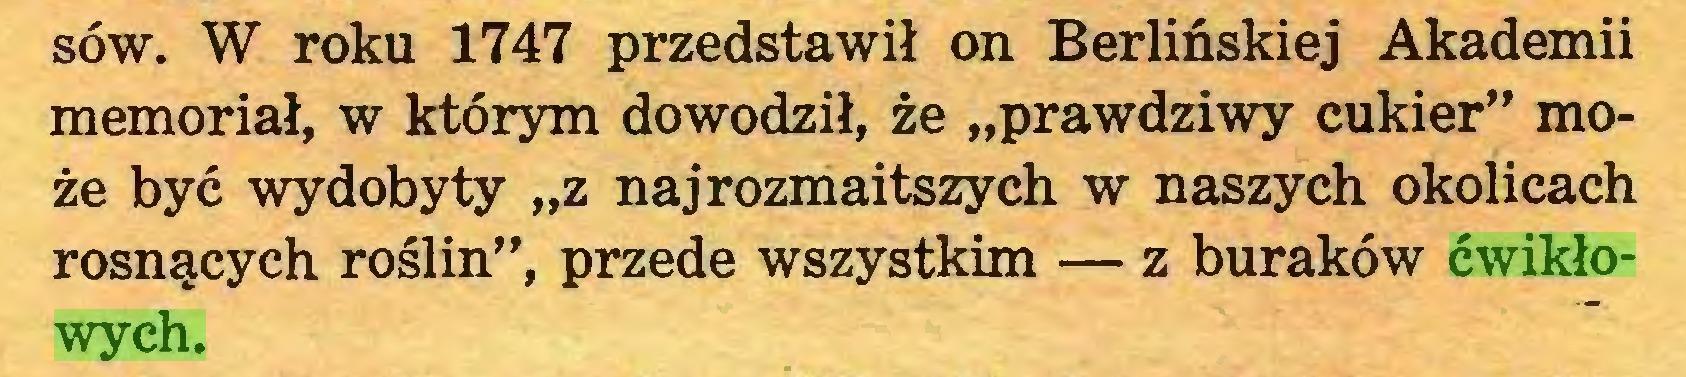 """(...) sów. W roku 1747 przedstawił on Berlińskiej Akademii memoriał, w którym dowodził, że """"prawdziwy cukier"""" może być wydobyty """"z najrozmaitszych w naszych okolicach rosnących roślin"""", przede wszystkim — z buraków ćwikłowych..."""